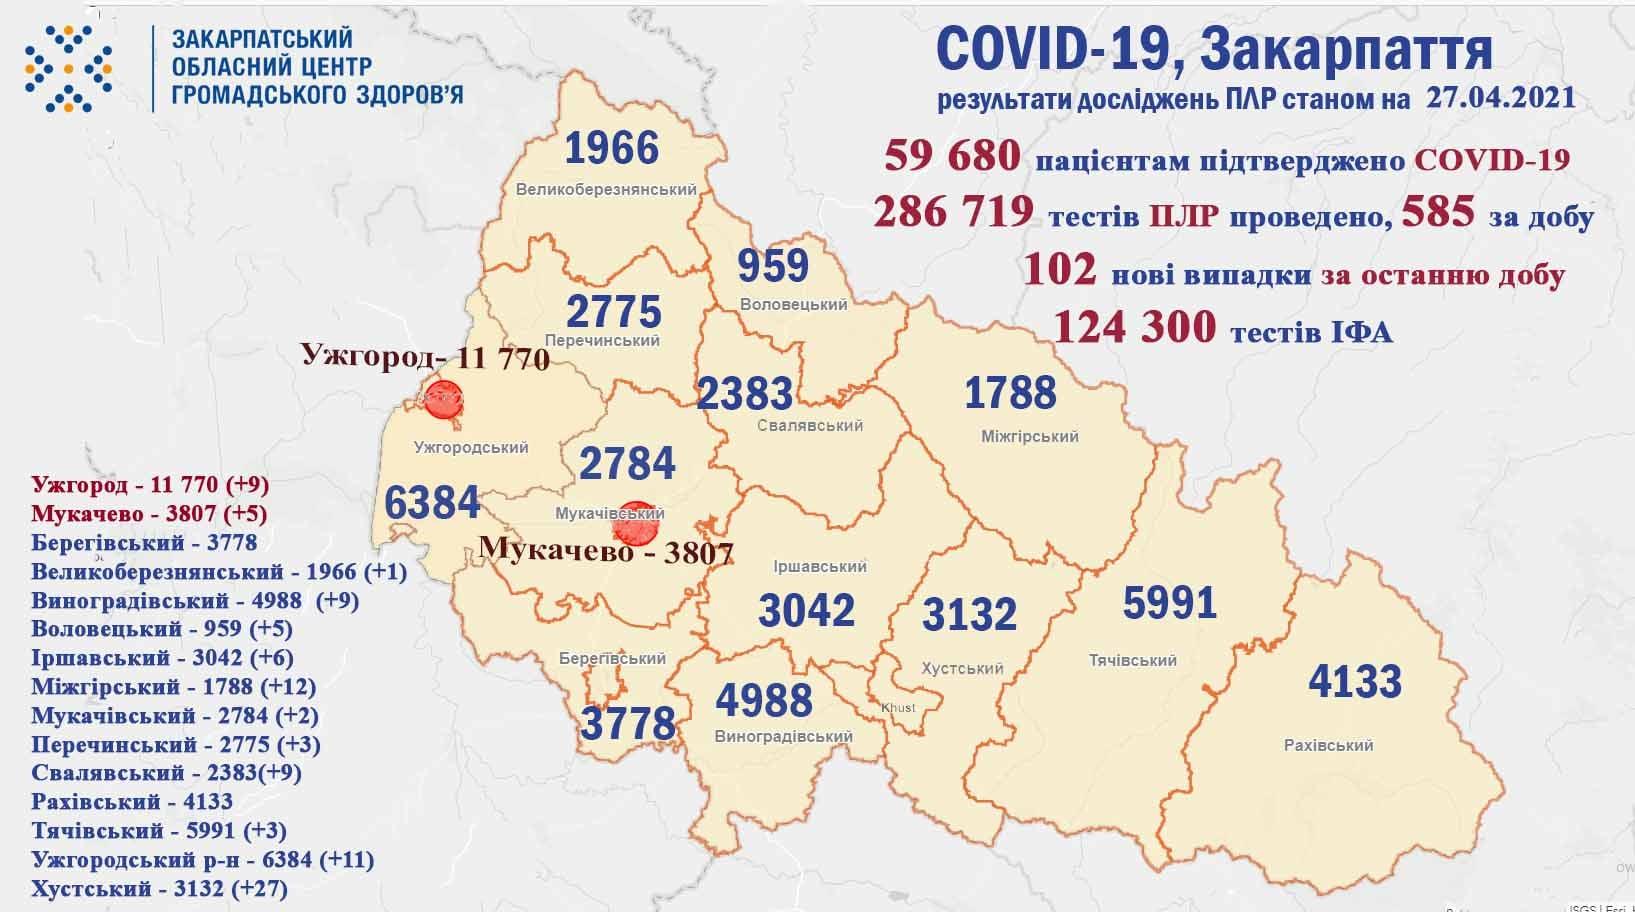 Сотня нових хворих та багато померлих: оновлена статистика по коронавірусу в Закарпатті